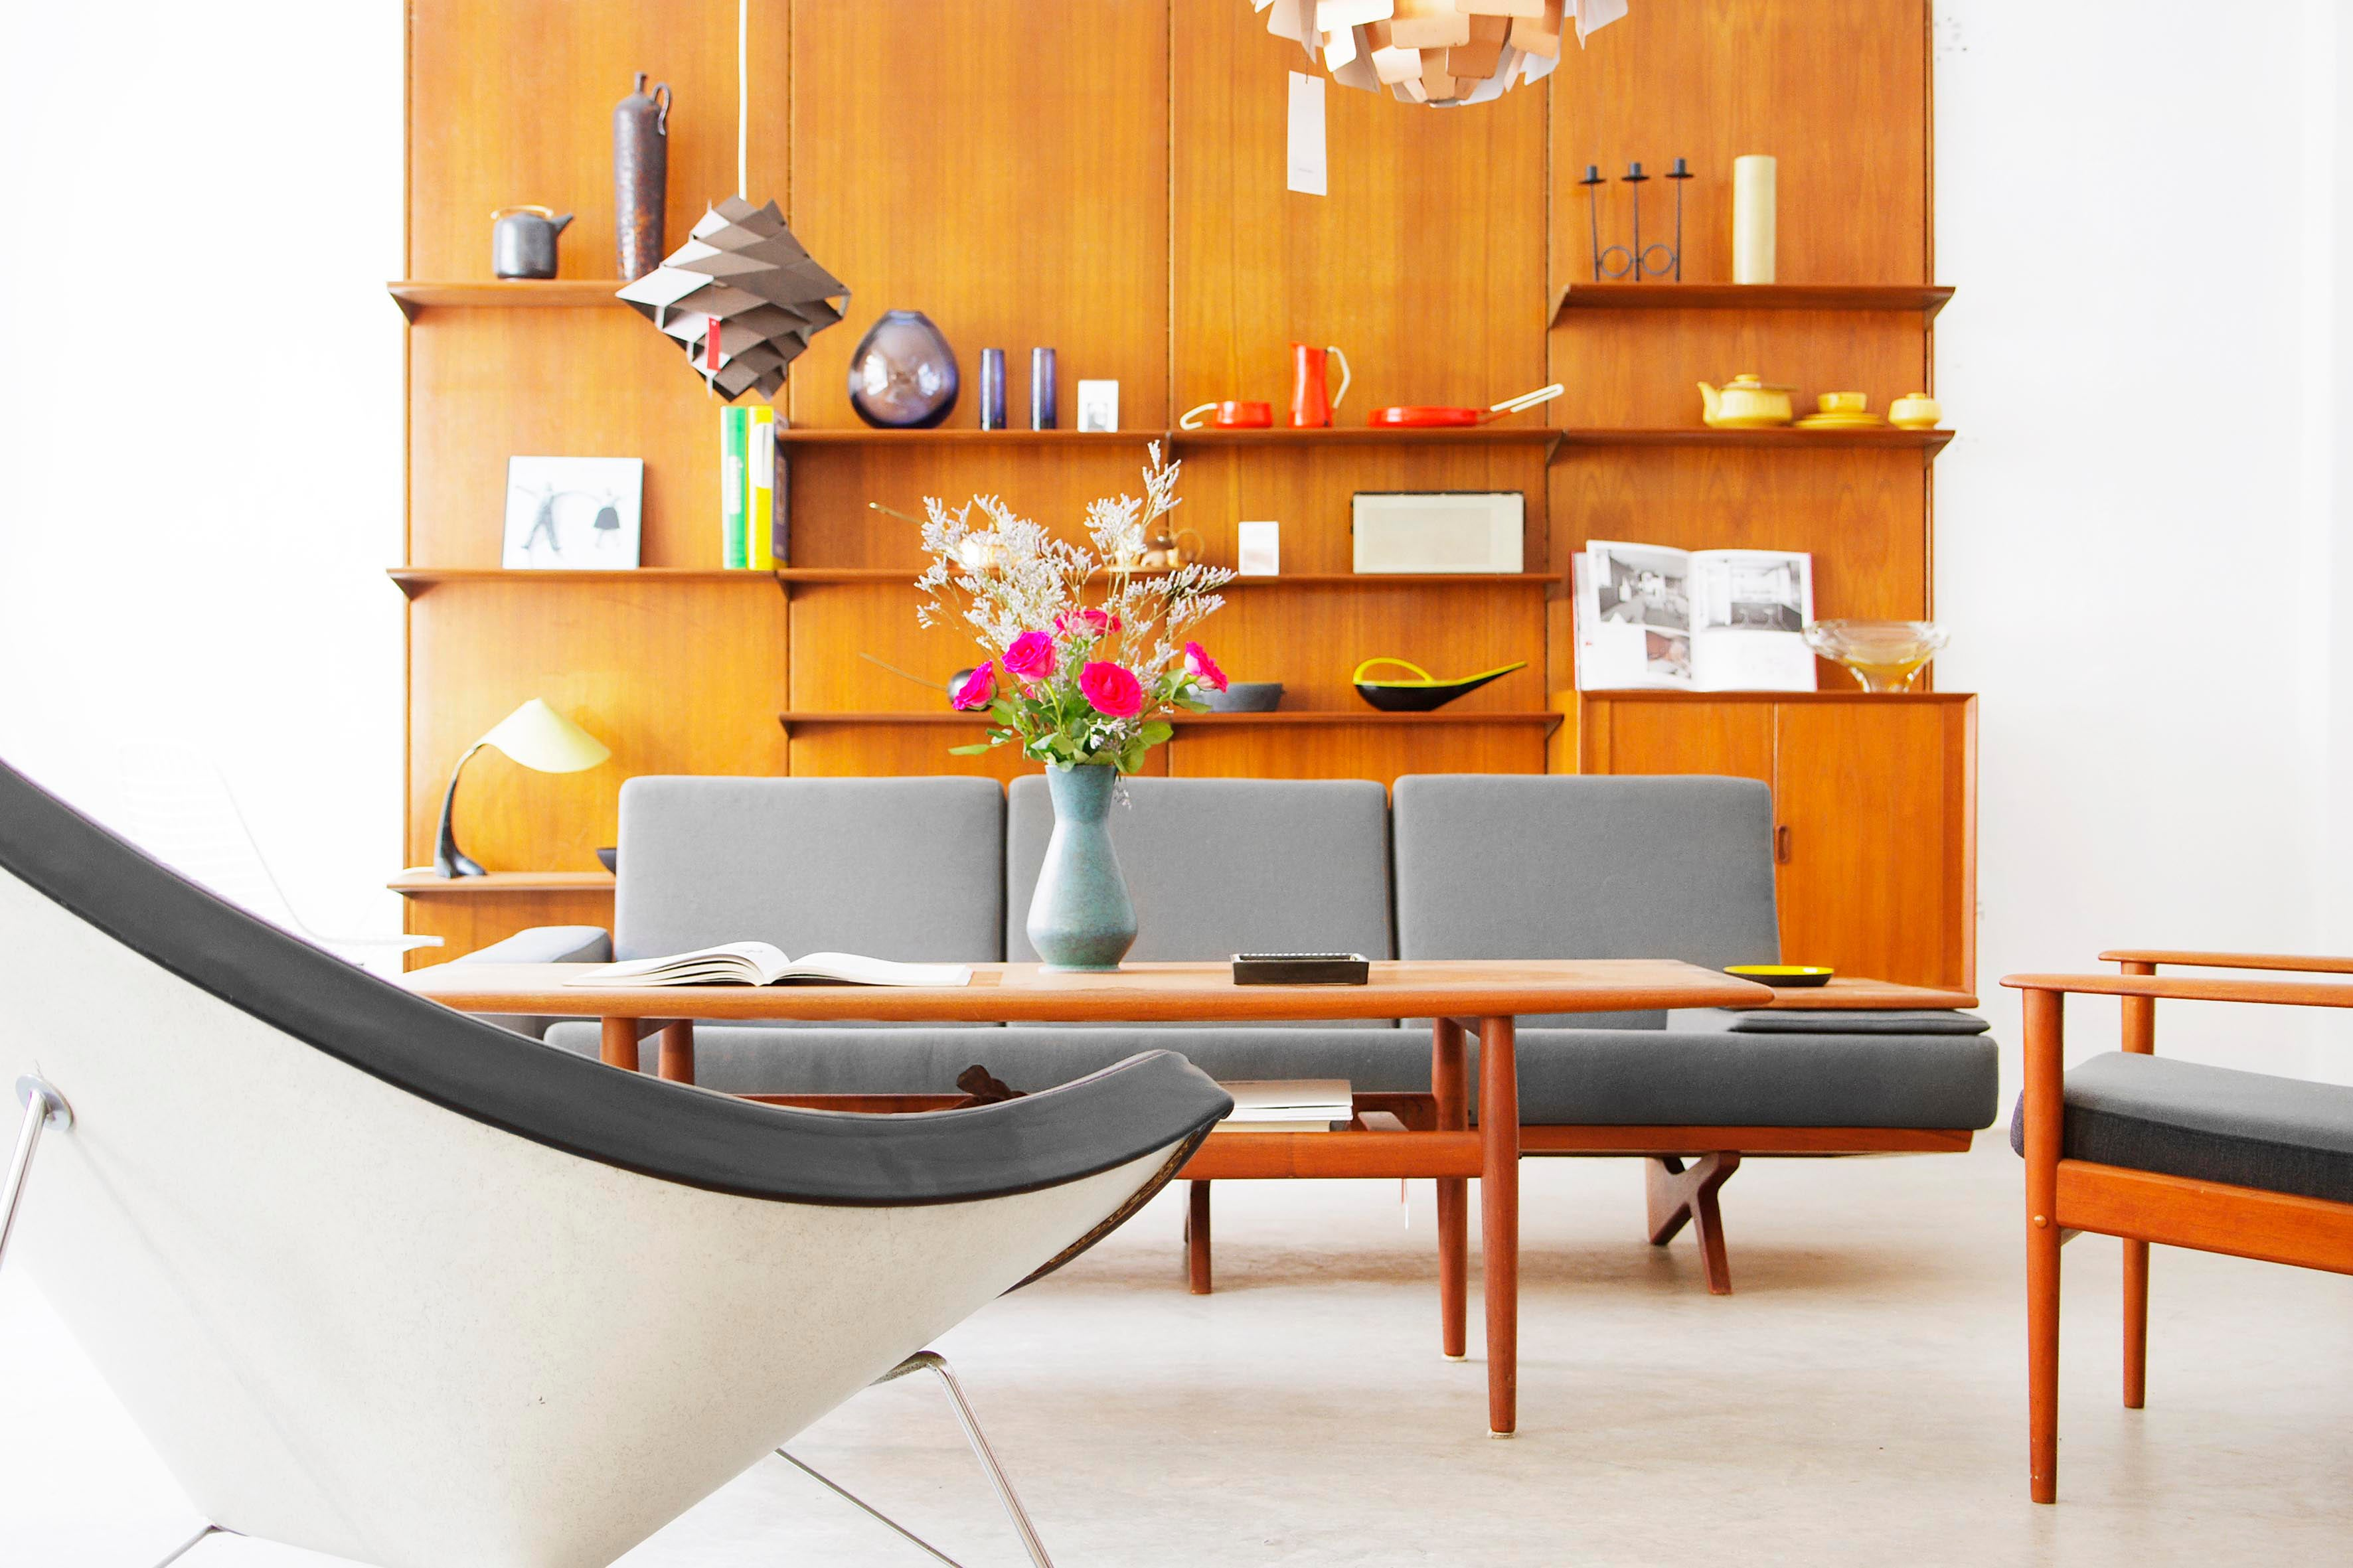 liebe mobel haben berlin 10245 1stdibs. Black Bedroom Furniture Sets. Home Design Ideas